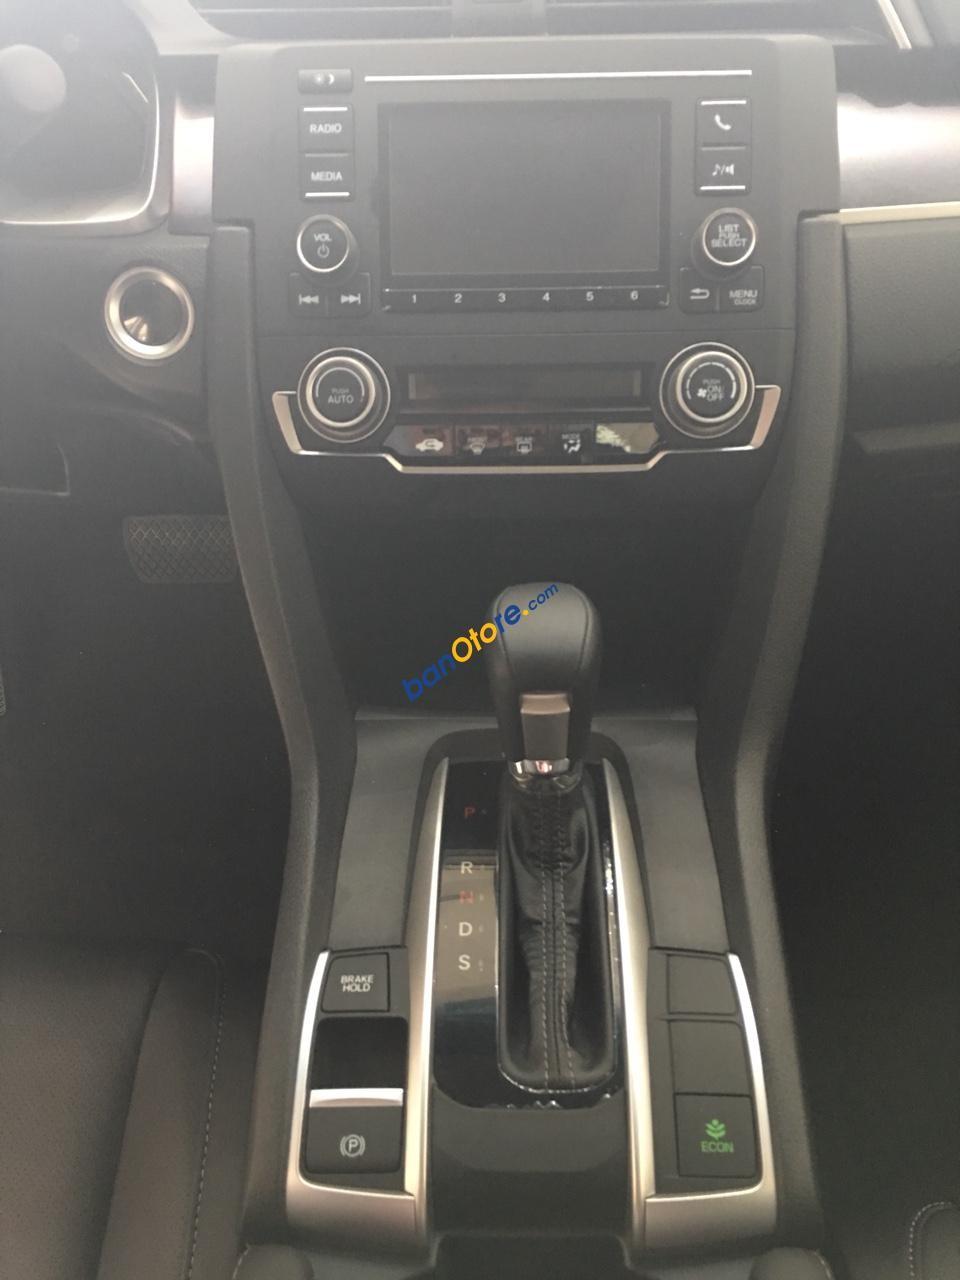 Honda Giải Phóng - Bán xe Honda Civic 1.8 NEW 2018 nhập khẩu, giá tốt nhất Hà Nội, đủ màu giao ngay, Hotline: 0948394416